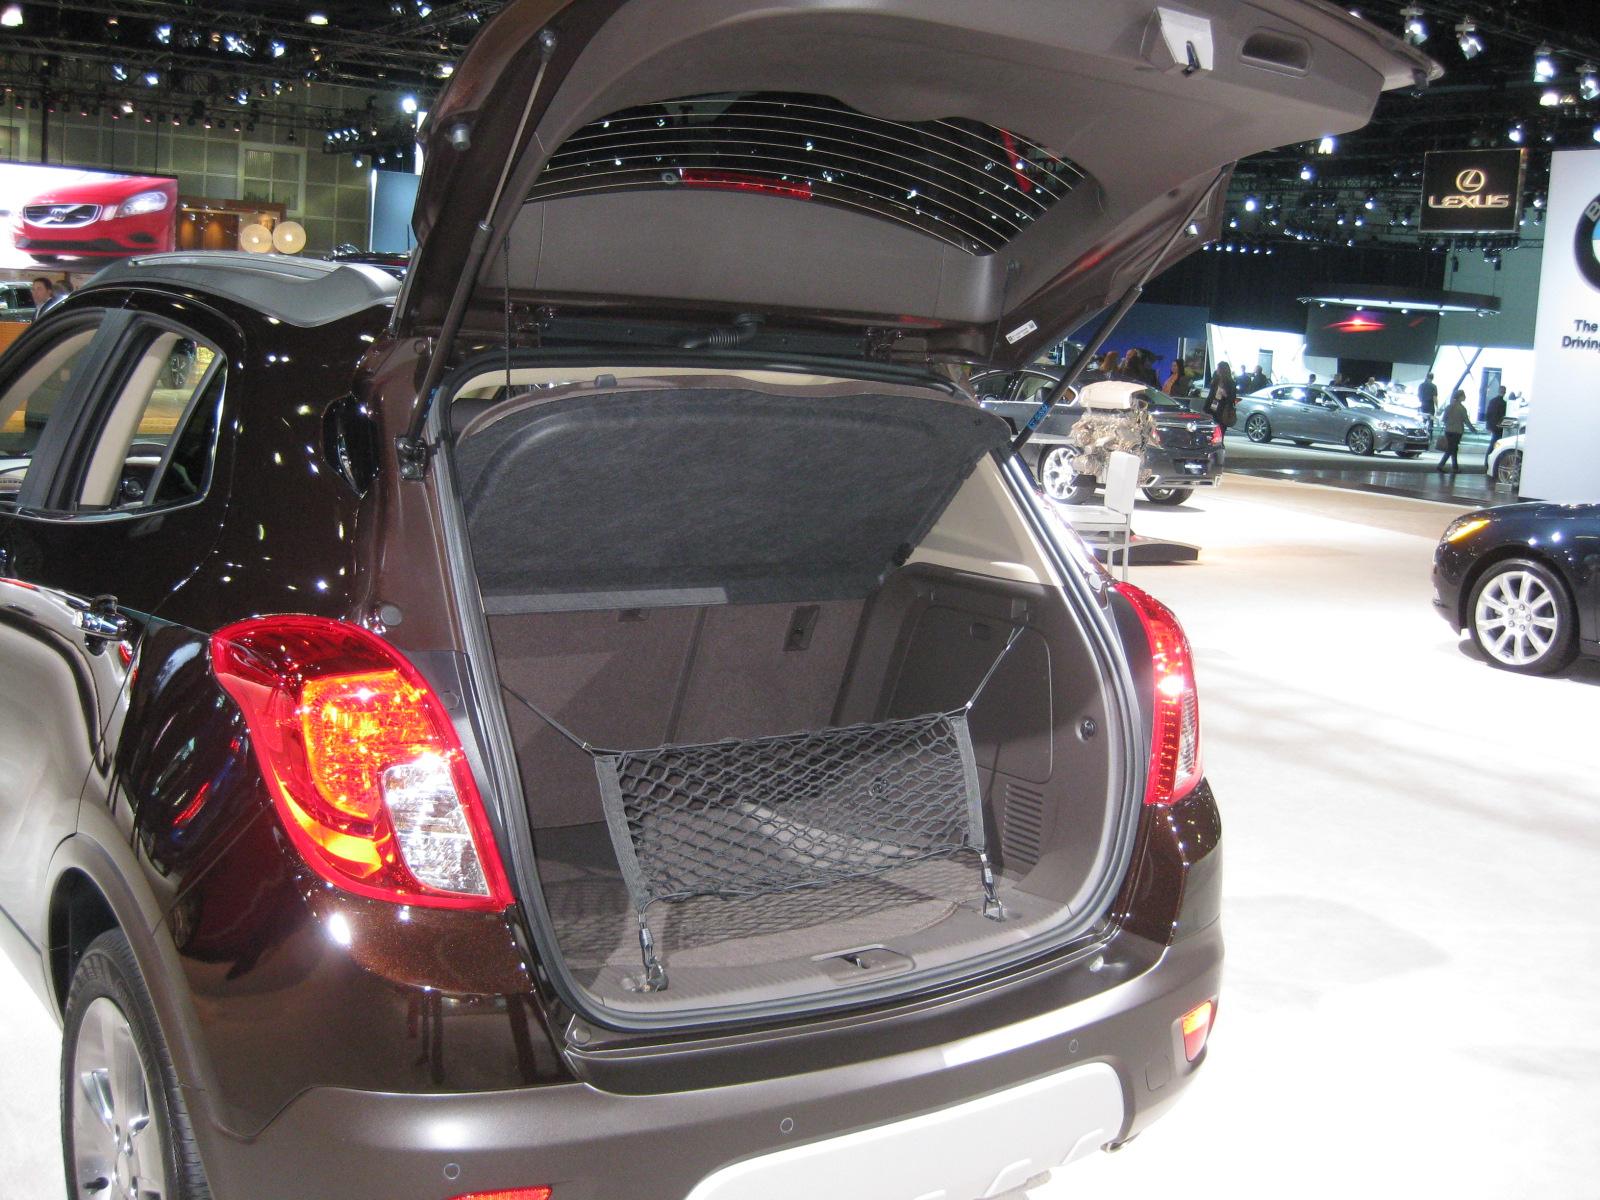 Buick 2013 encore cargo todd bianco s acarisnotarefrigerator com